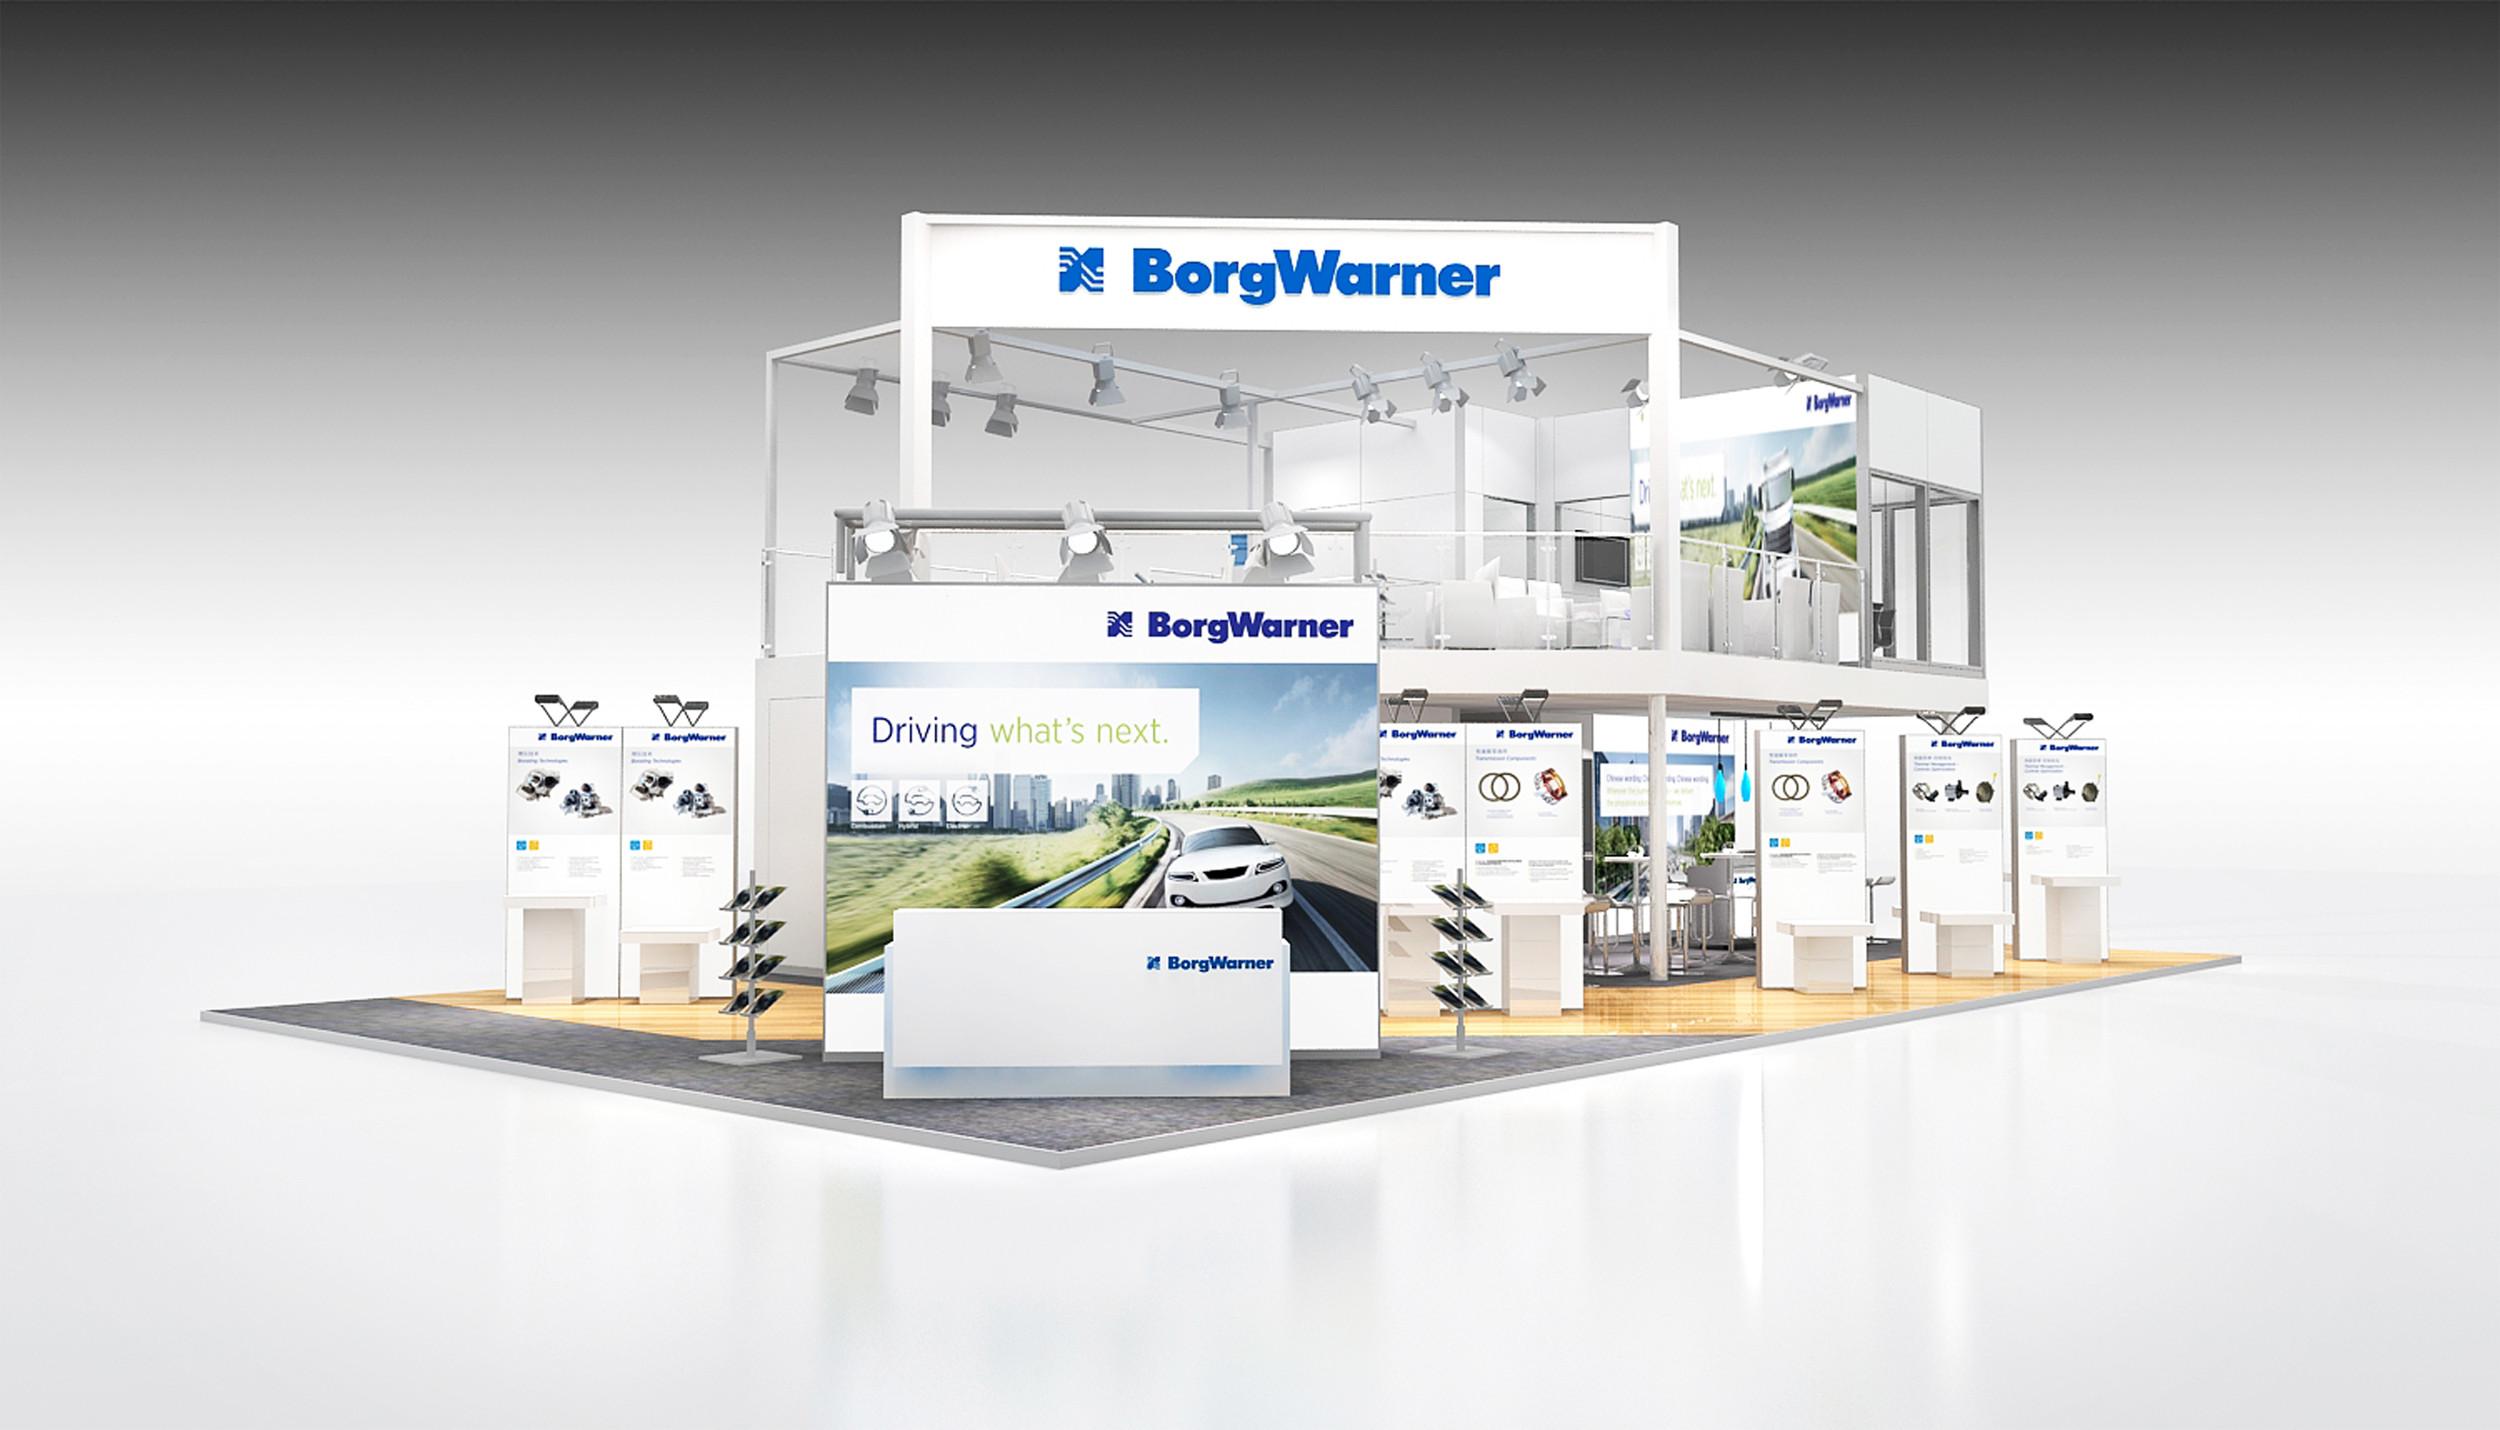 Mit Fokus auf aktuelle Trends des chinesischen Marktes präsentiert BorgWarner auf der Auto Shanghai 2017 sein umfangreiches Portfolio an Lösungen für Fahrzeuge mit Verbrennungsmotor, Hybrid- und Elektroantrieb.